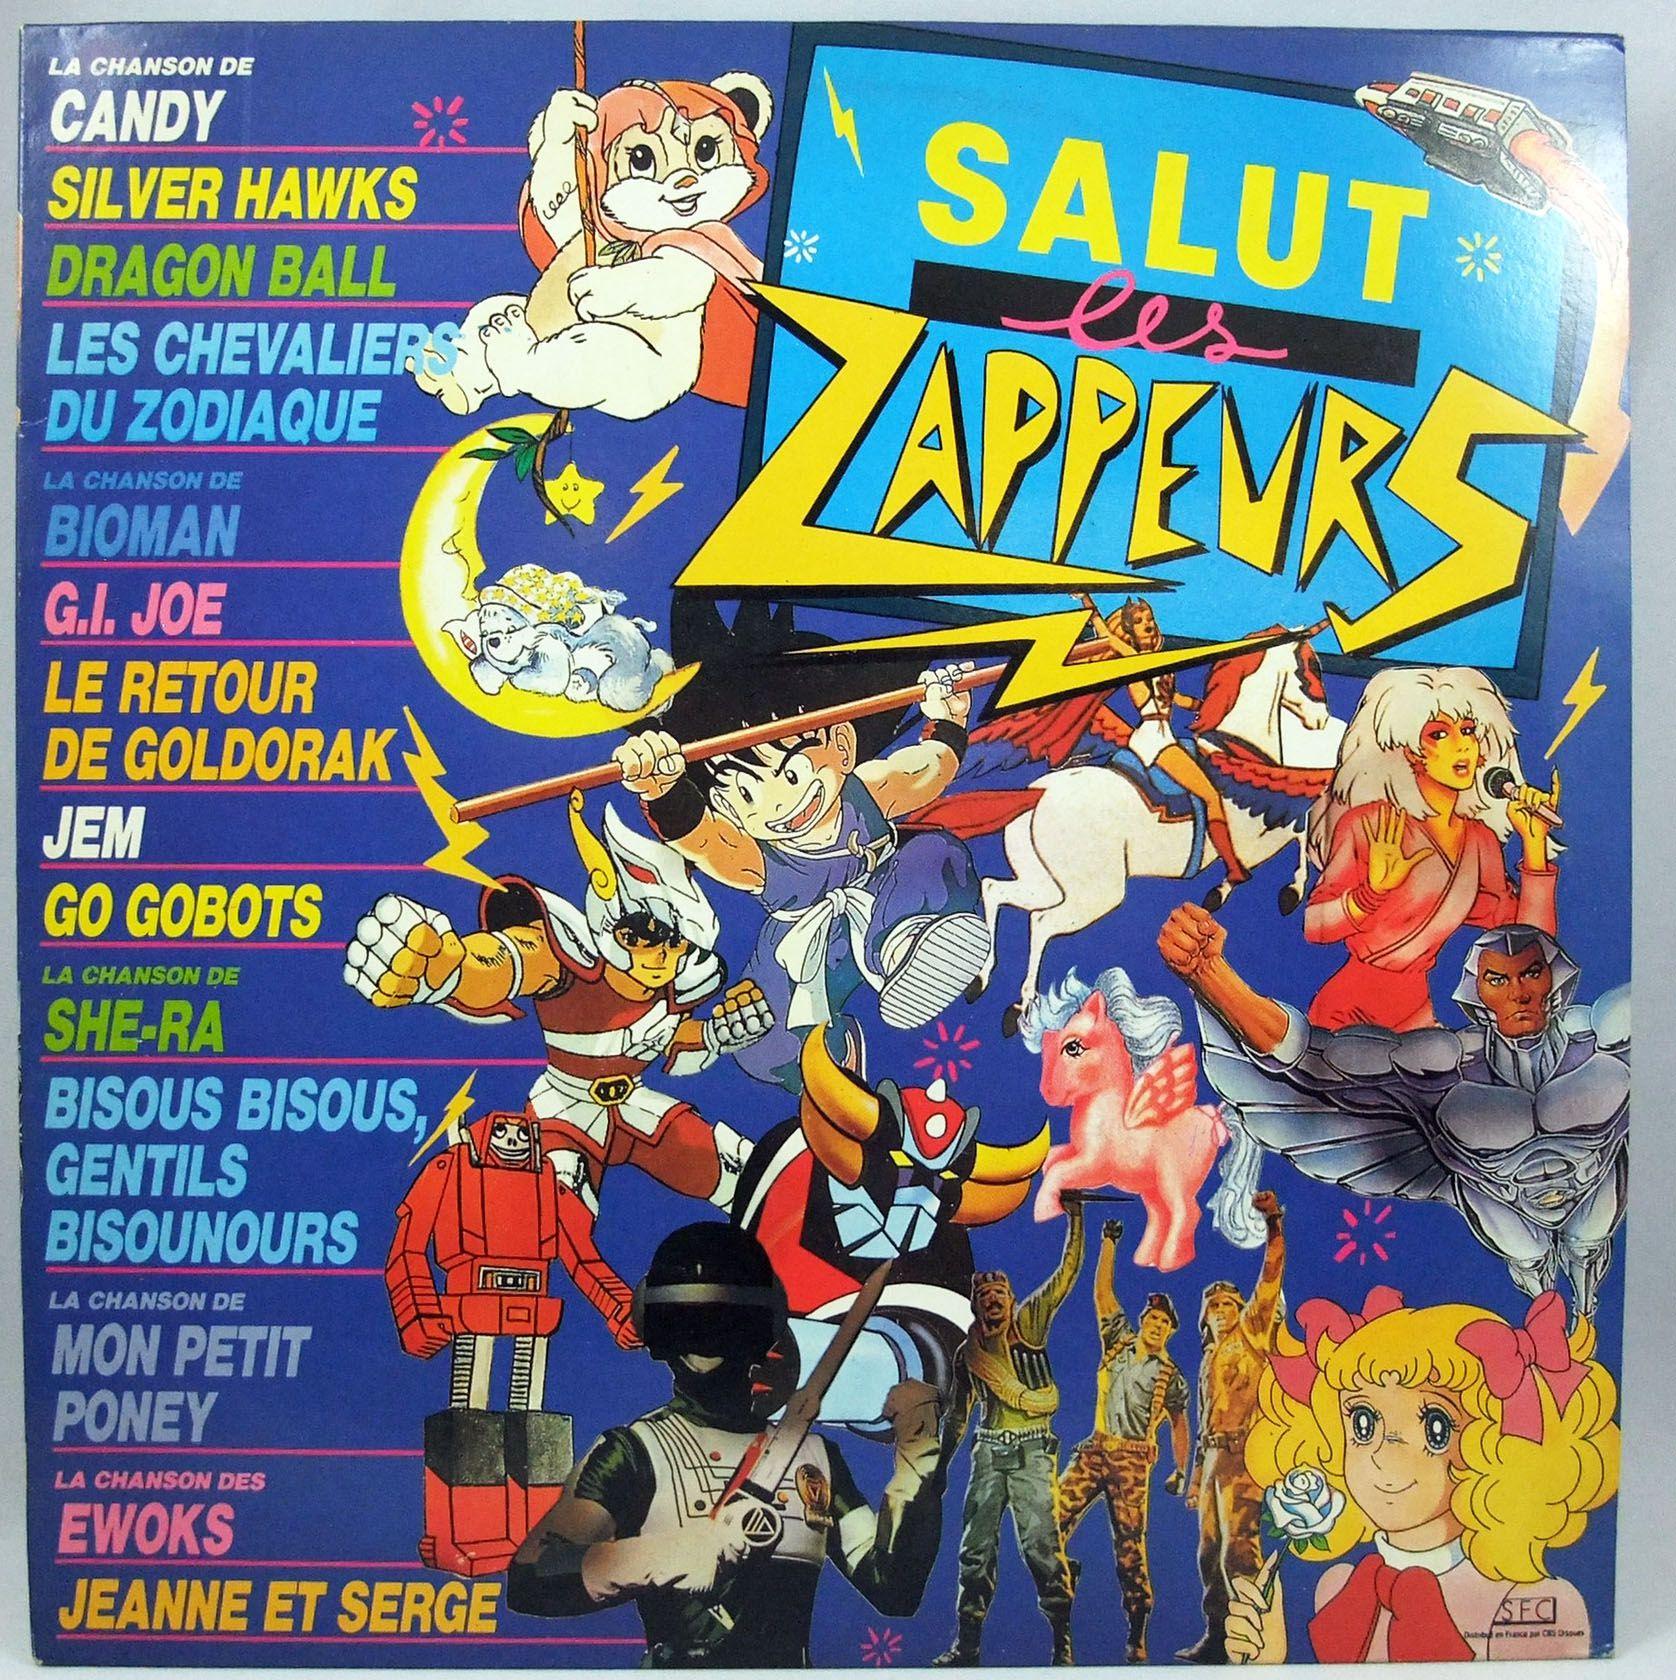 Salut Les Zappeurs - Record LP - SFC 1988